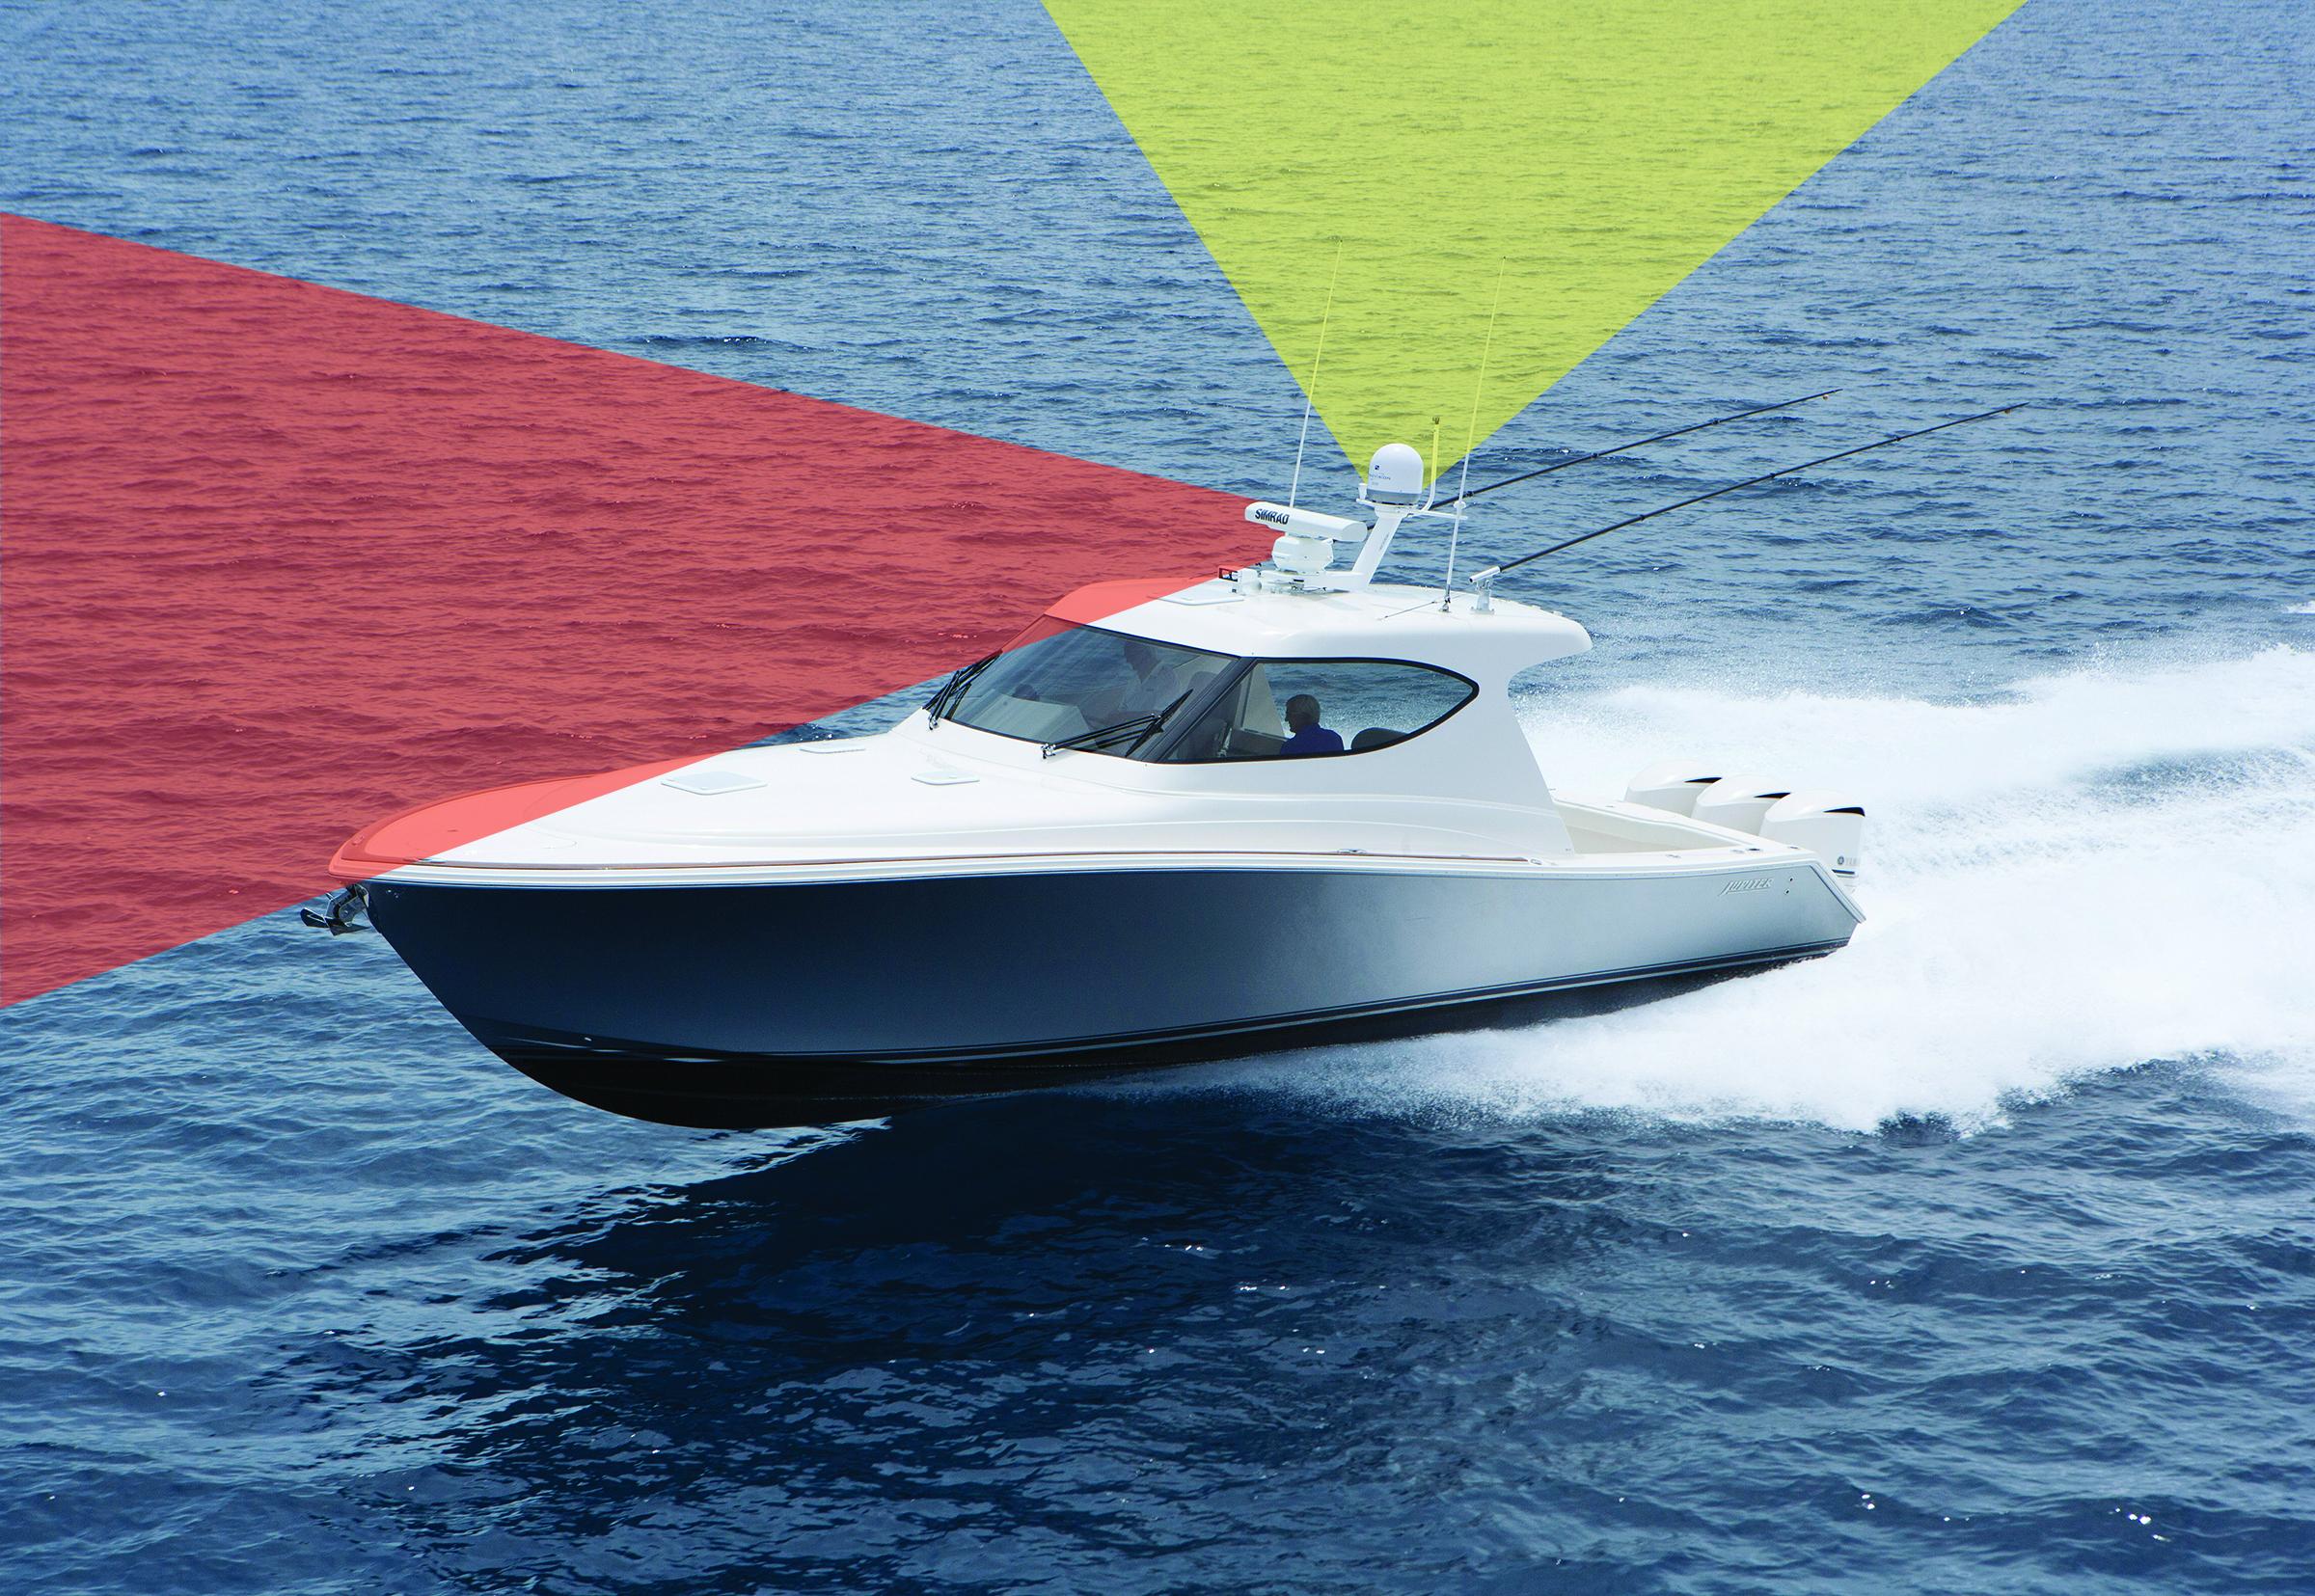 Seaview élimine les interférences